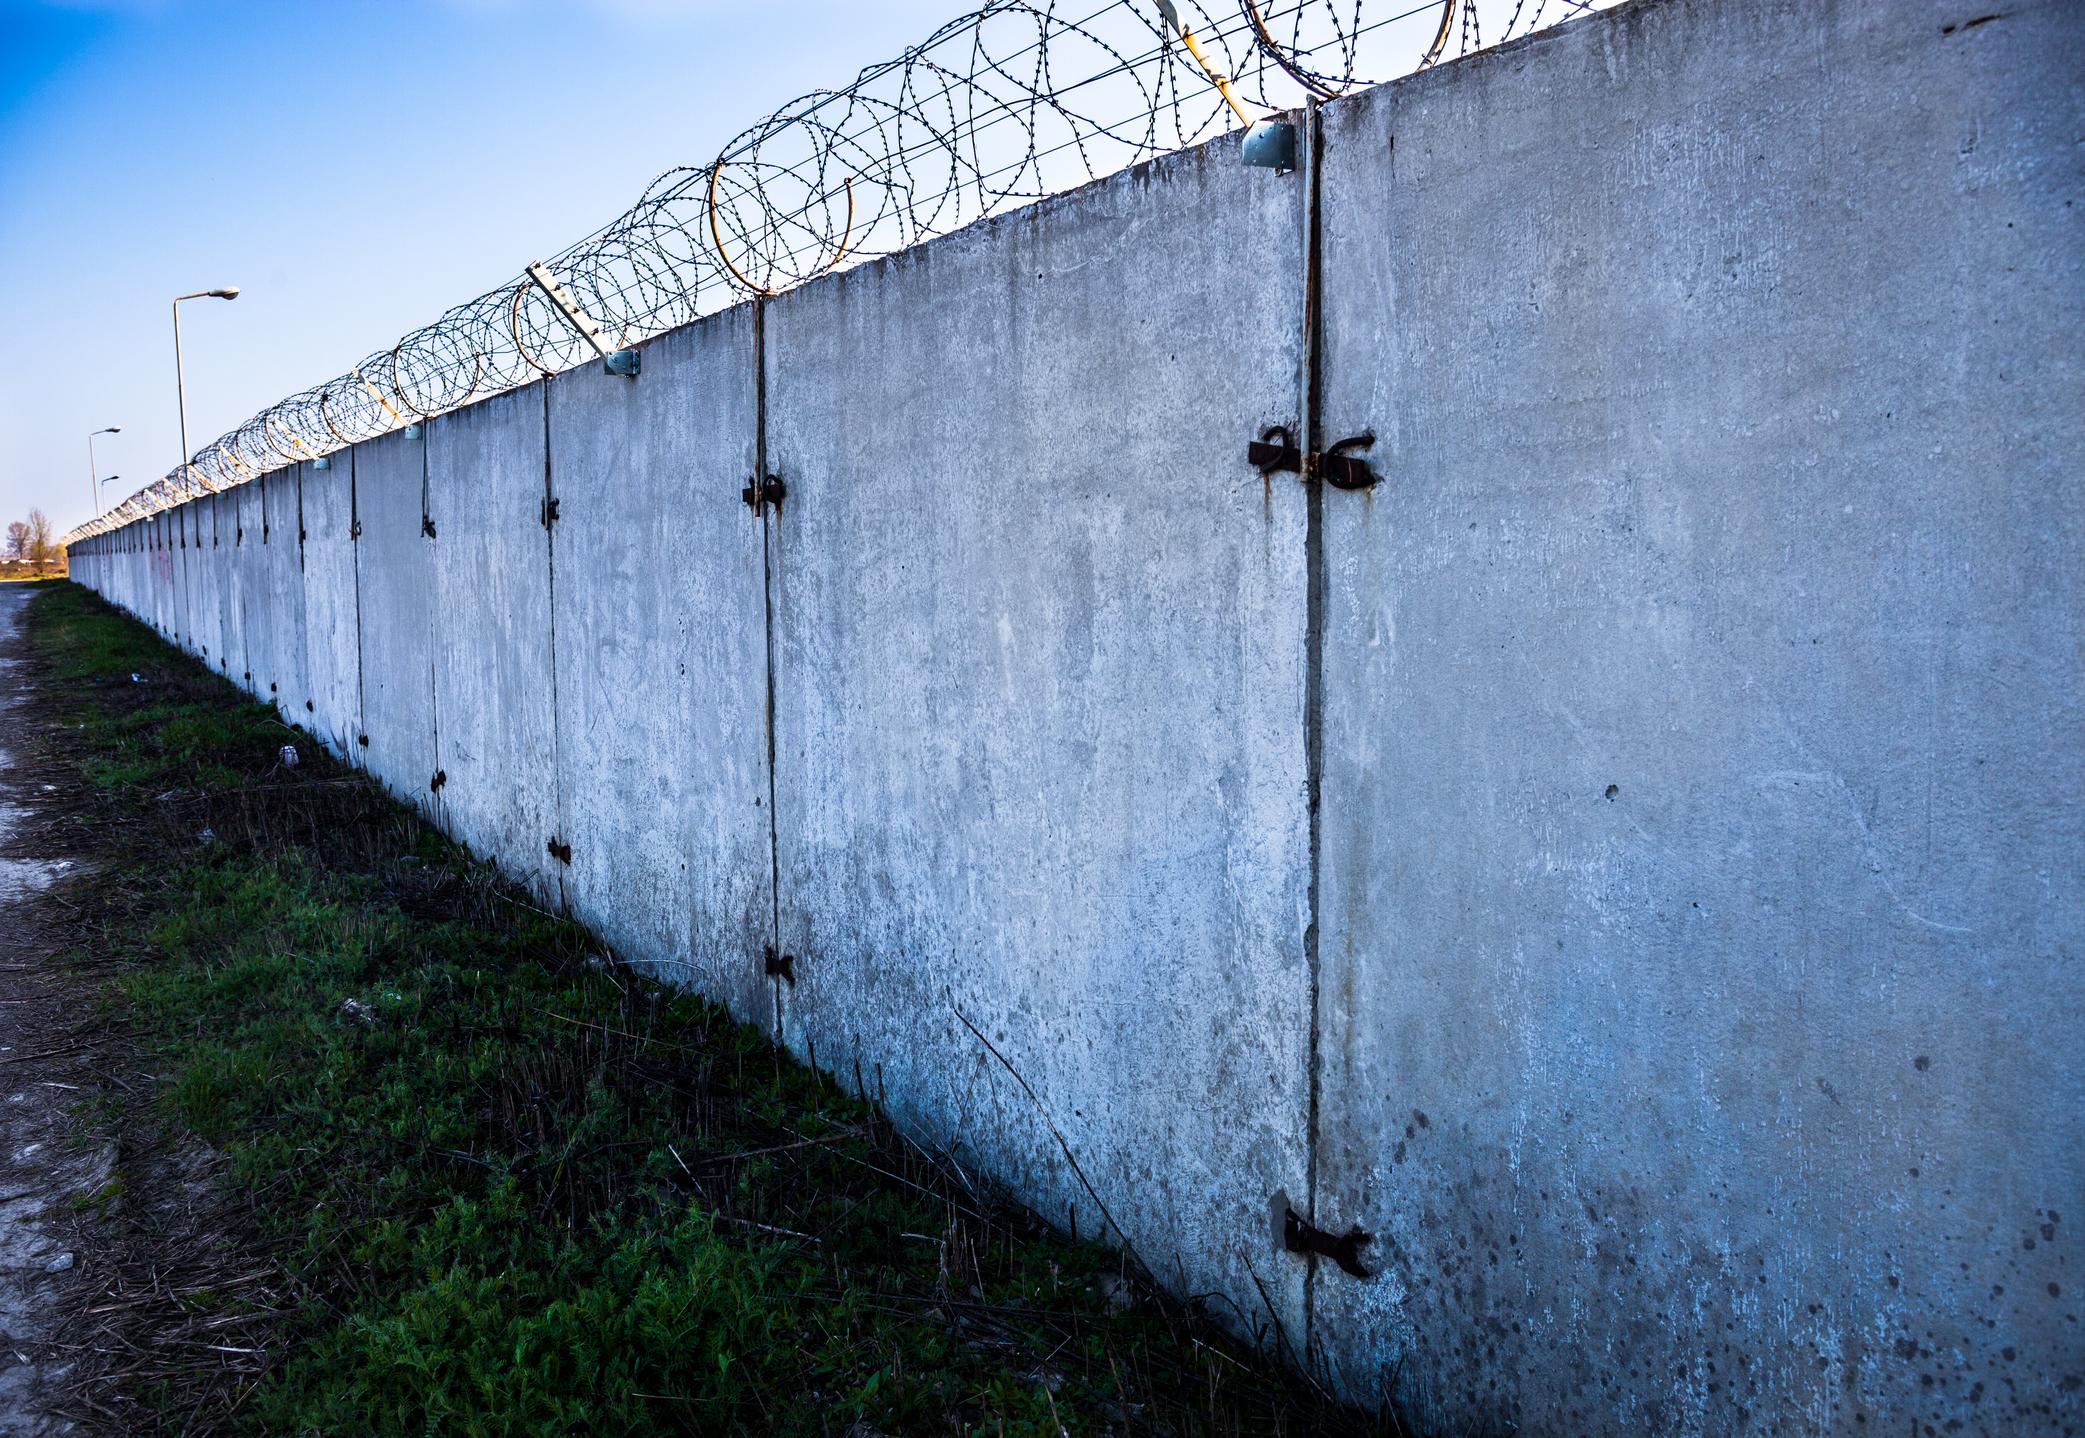 Prison gerrymandering creates disproportionate representation.